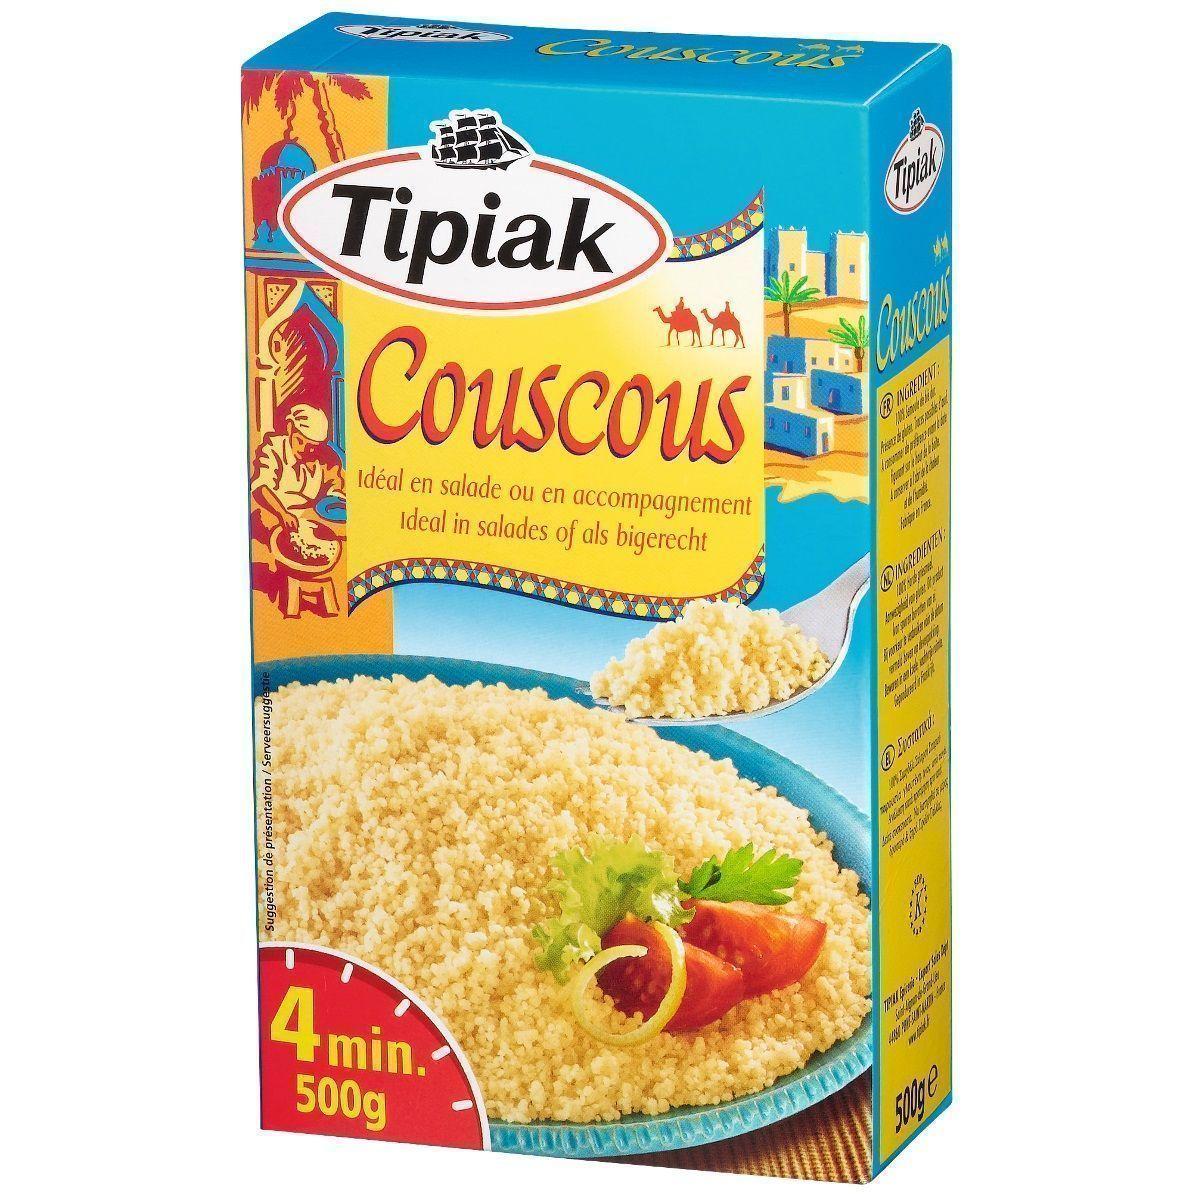 COUSCOUS TIPIAK 500g